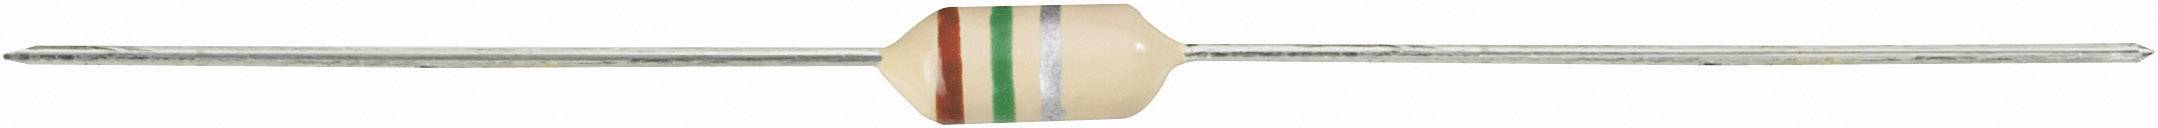 VF cívka Fastron SMCC-332J-02, 3300 µH, 0,062 A, 10 %, SMCC-332, ferit